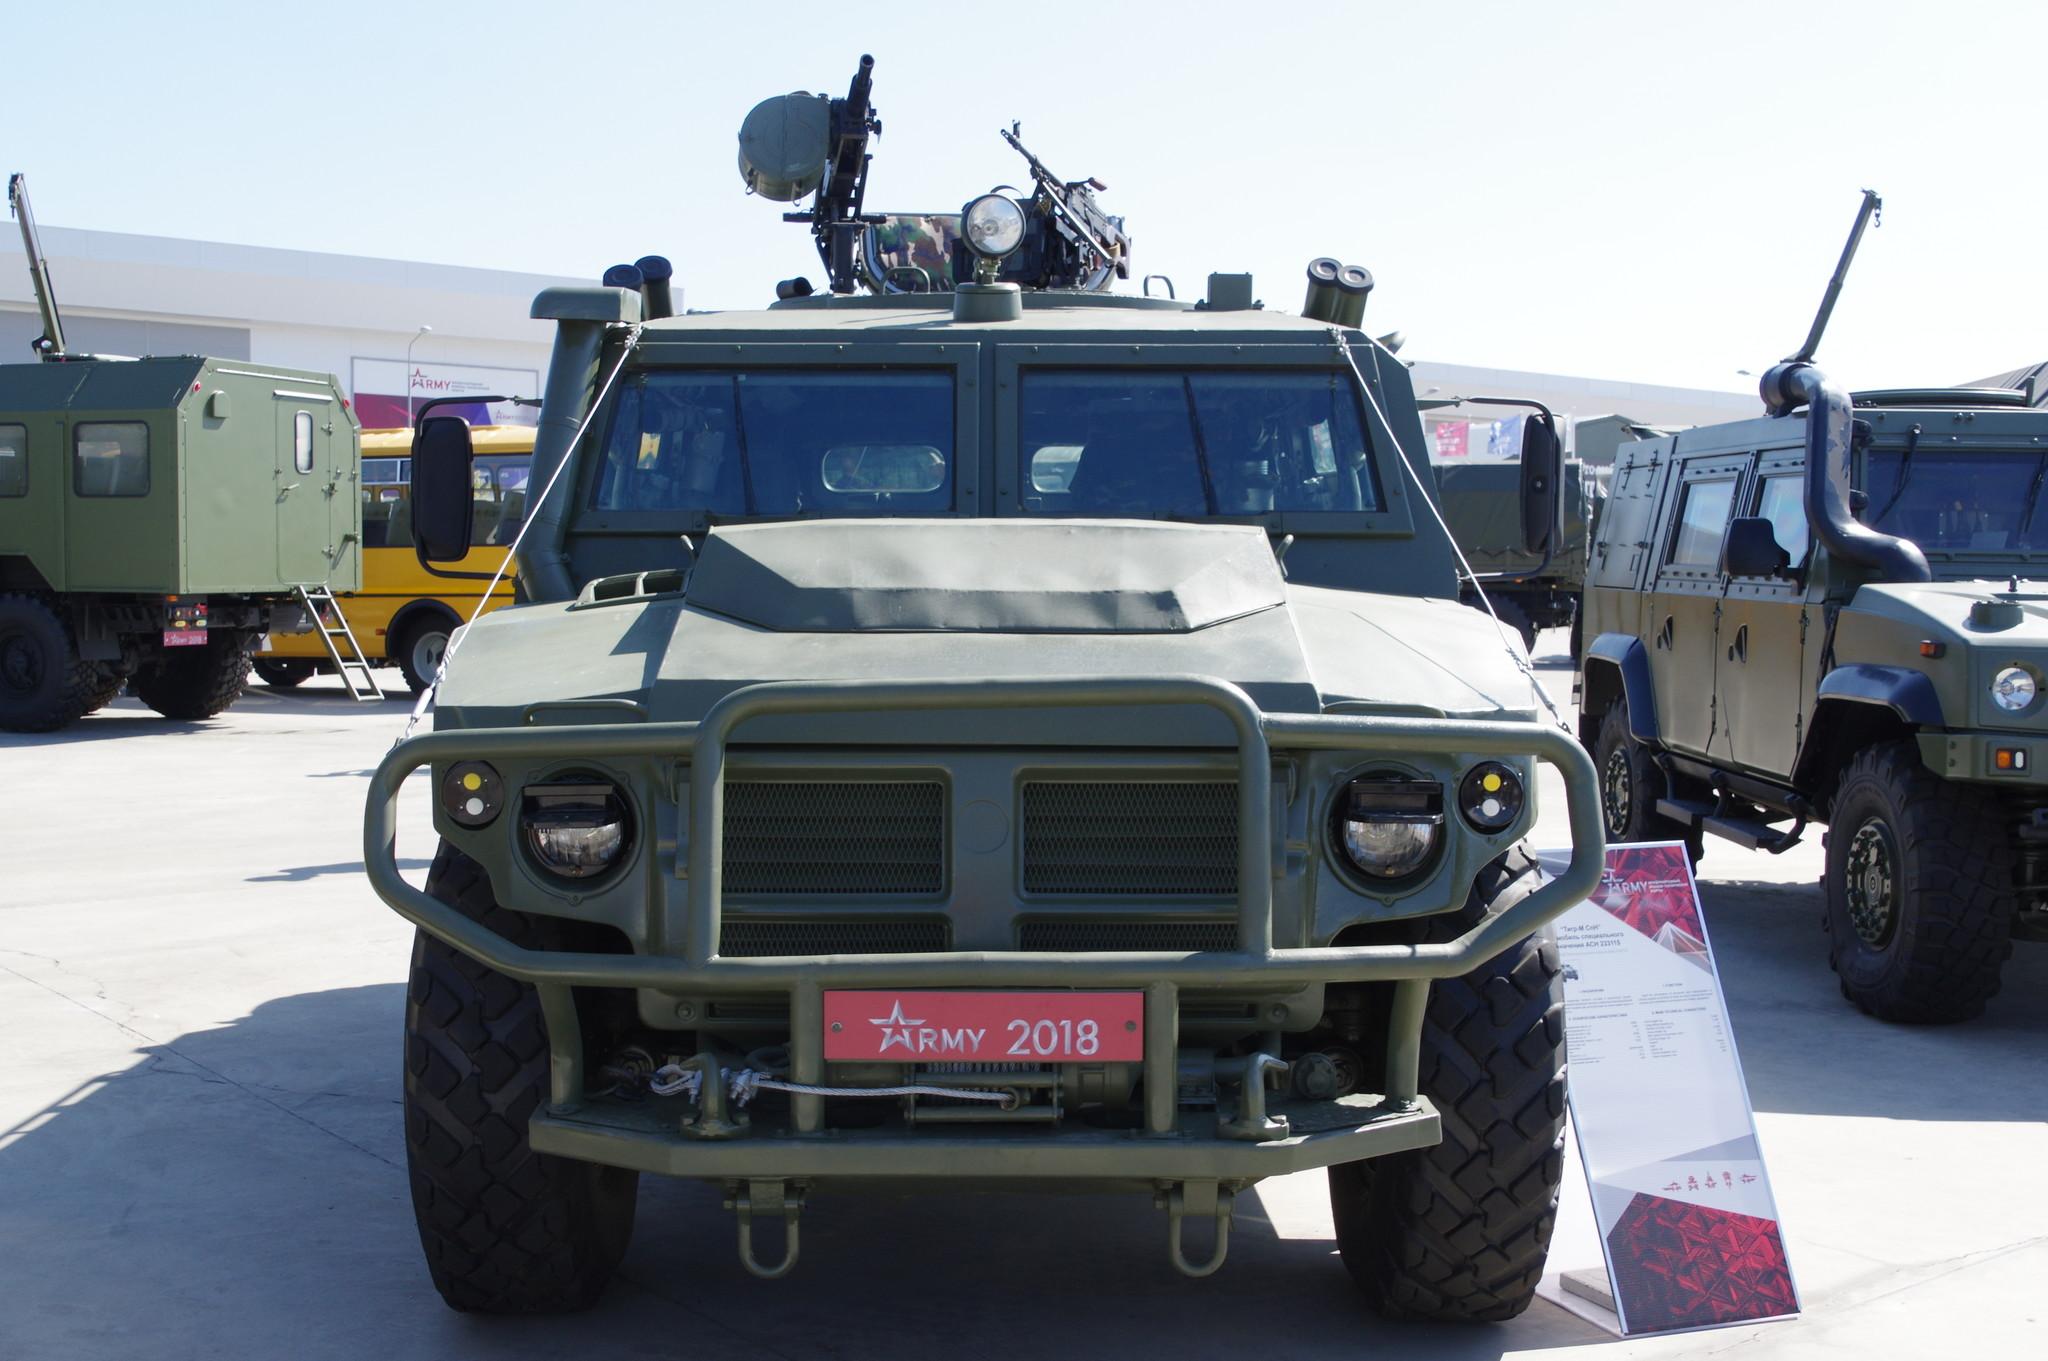 Автомобиль специального назначения АСН 233115 «Тигр-М СпН»